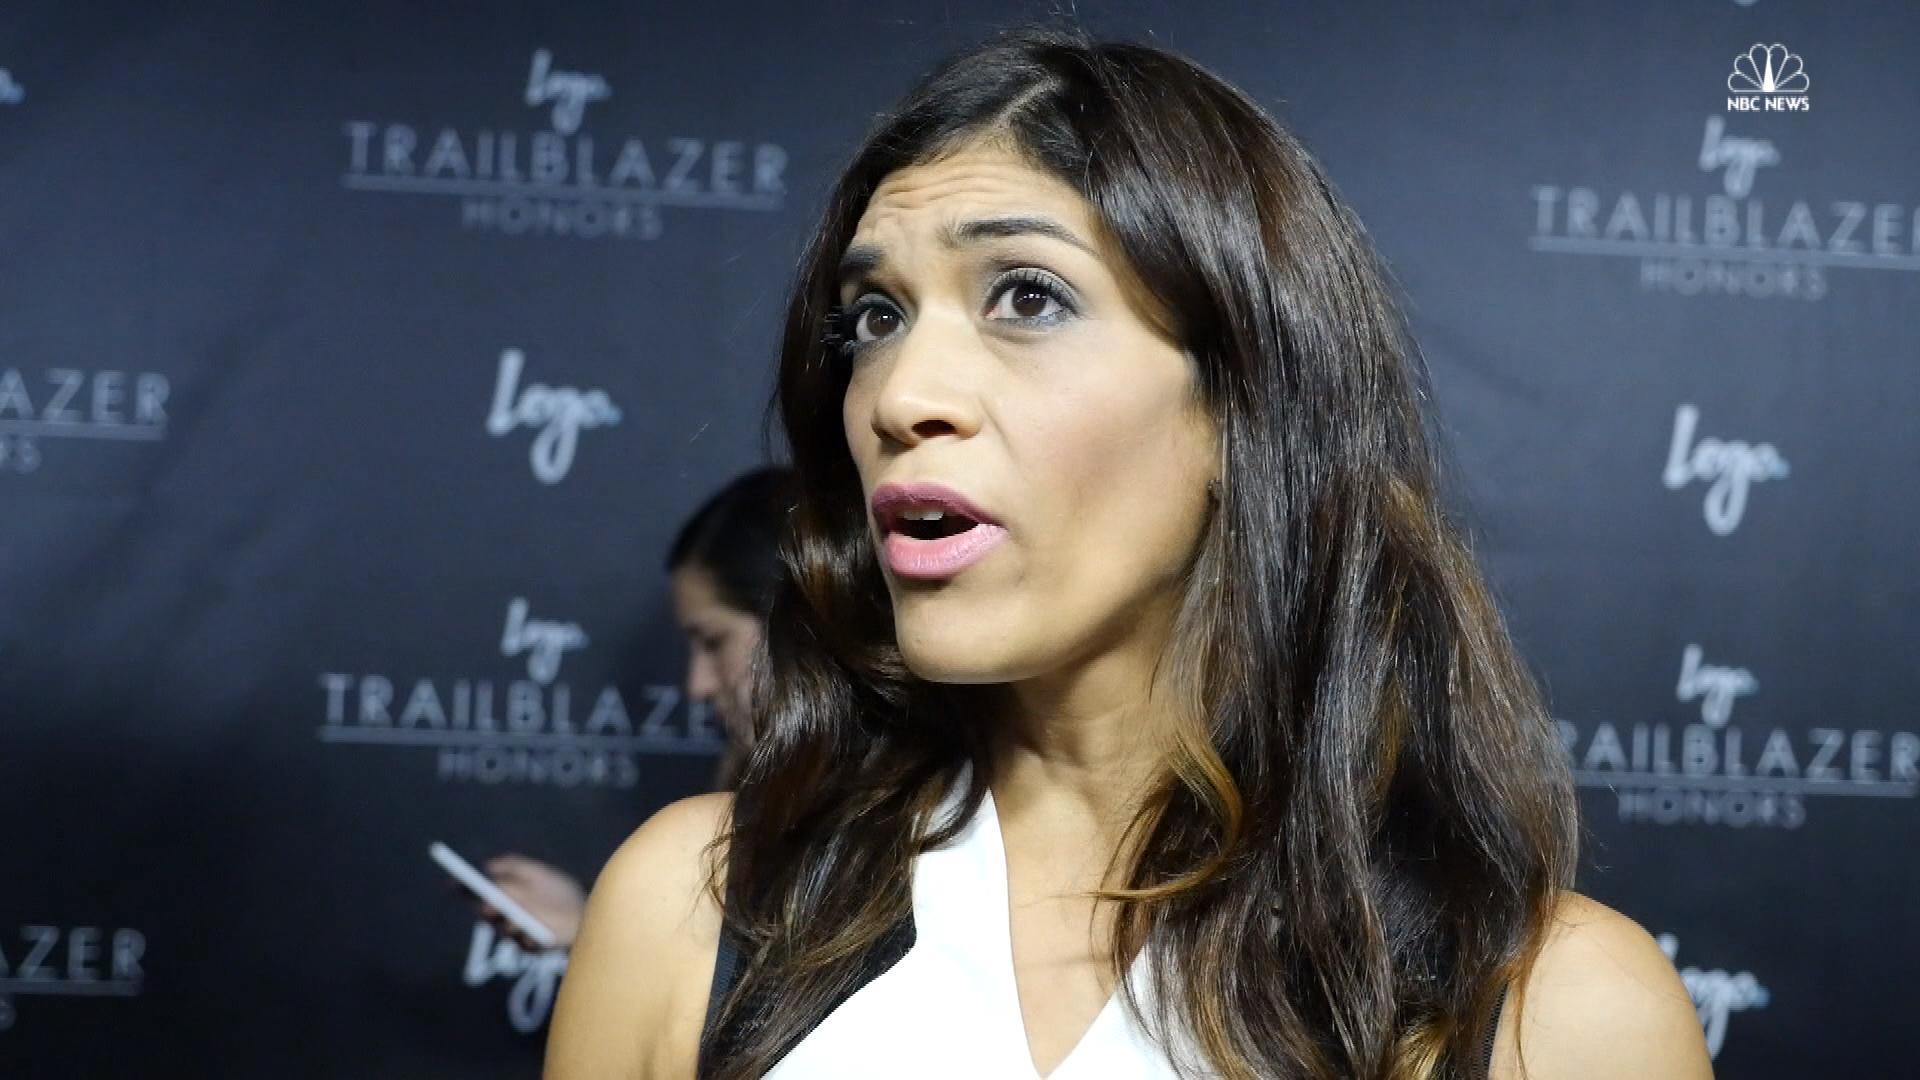 Watch Laura Gomez (actress) video